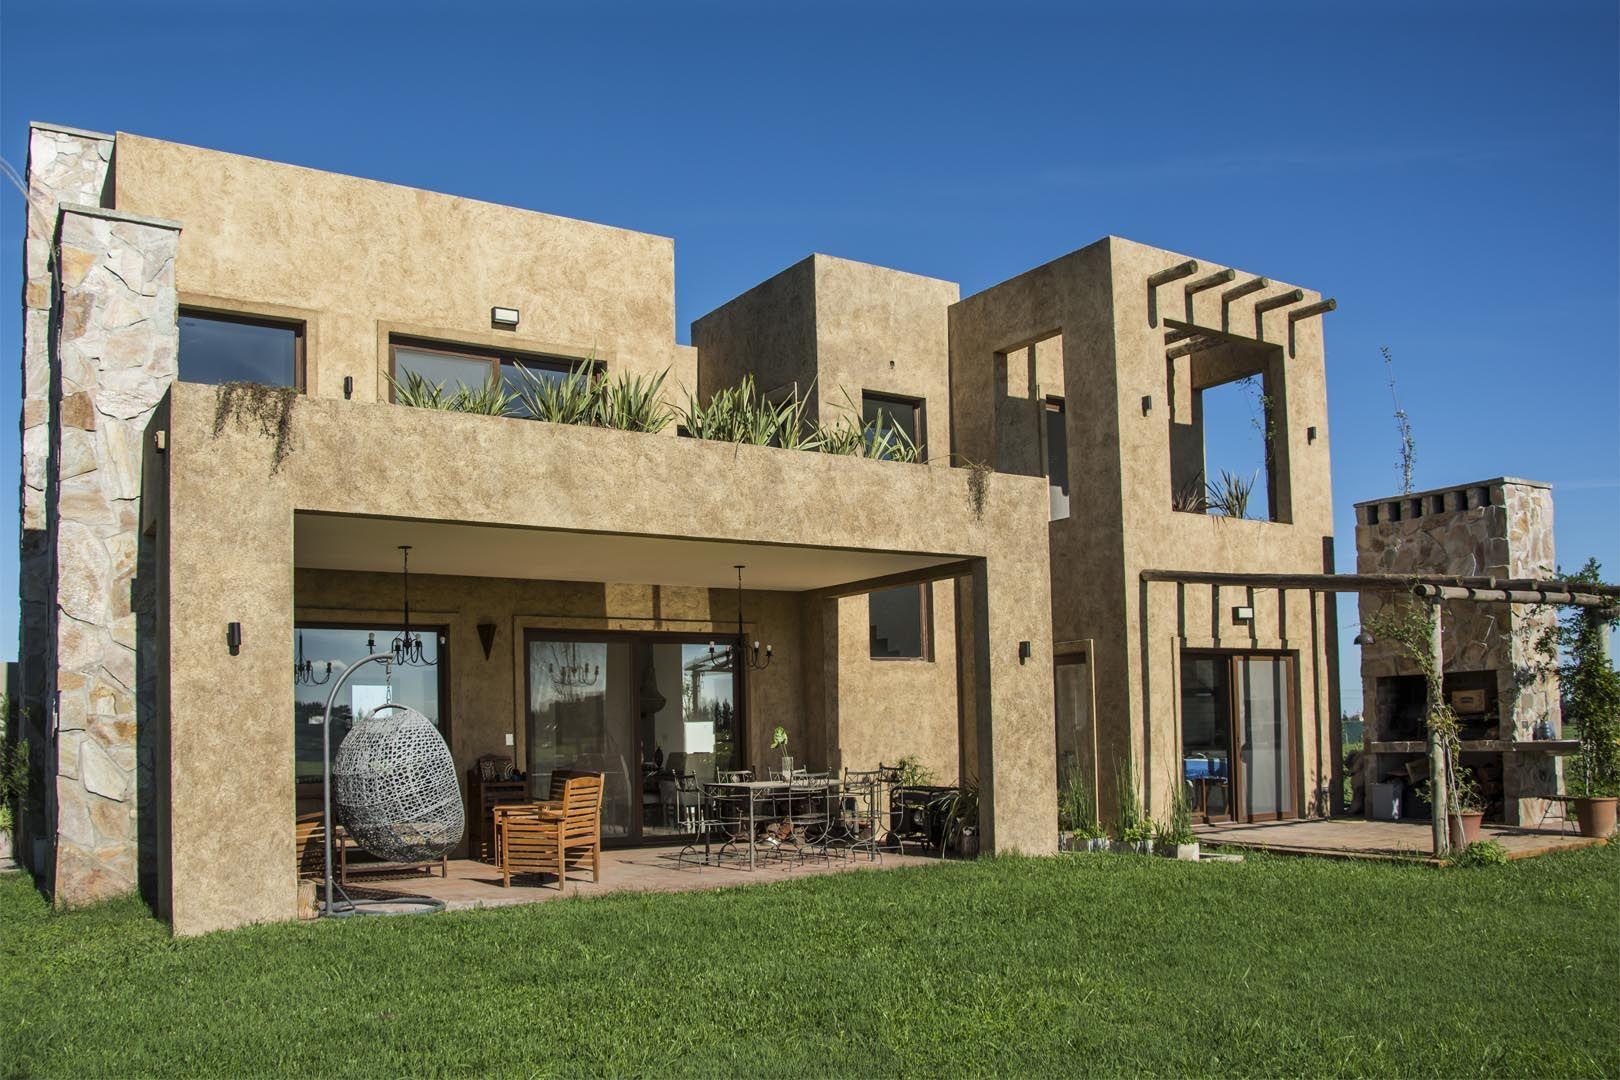 Resultado De Imagen Para Fachadas De Casas Estilo Santa Fe Arquitectura Casas Estilo Santa Fe